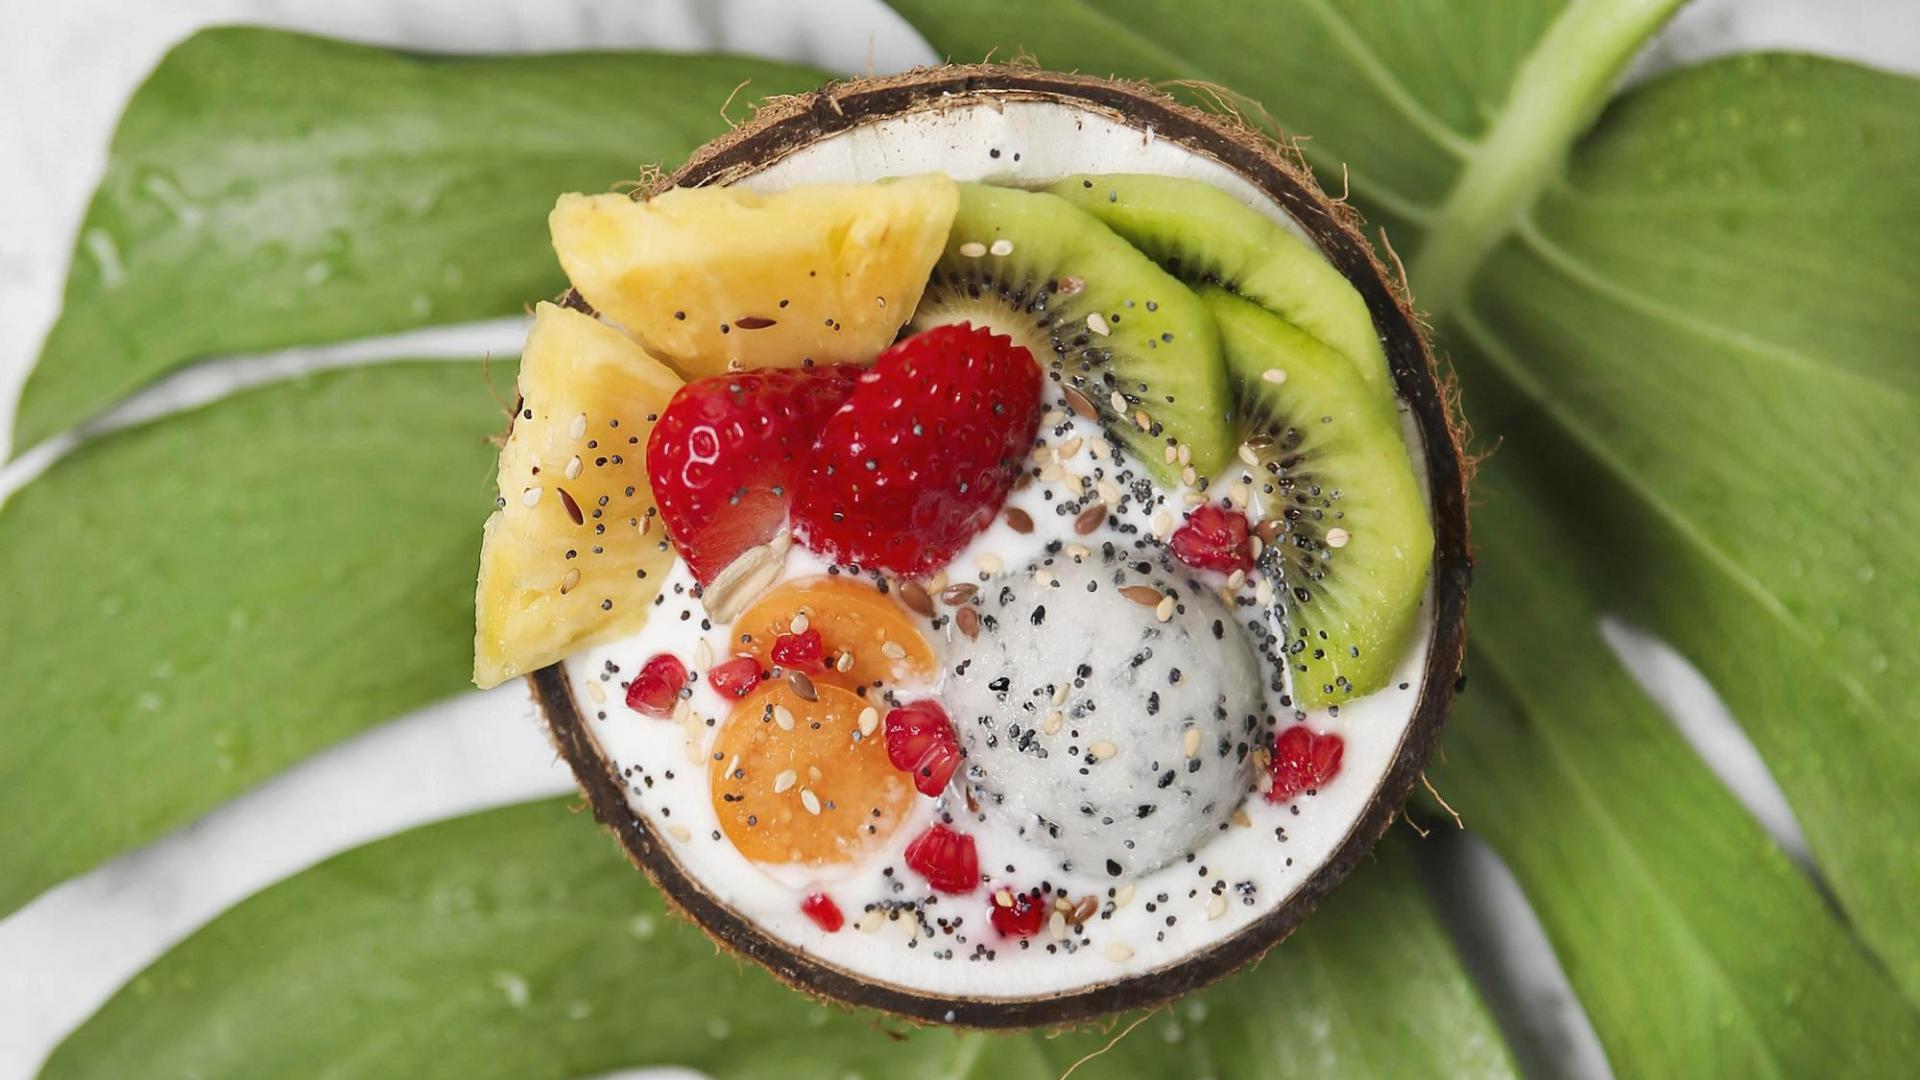 Kokosnuss gefüllt mit Früchten